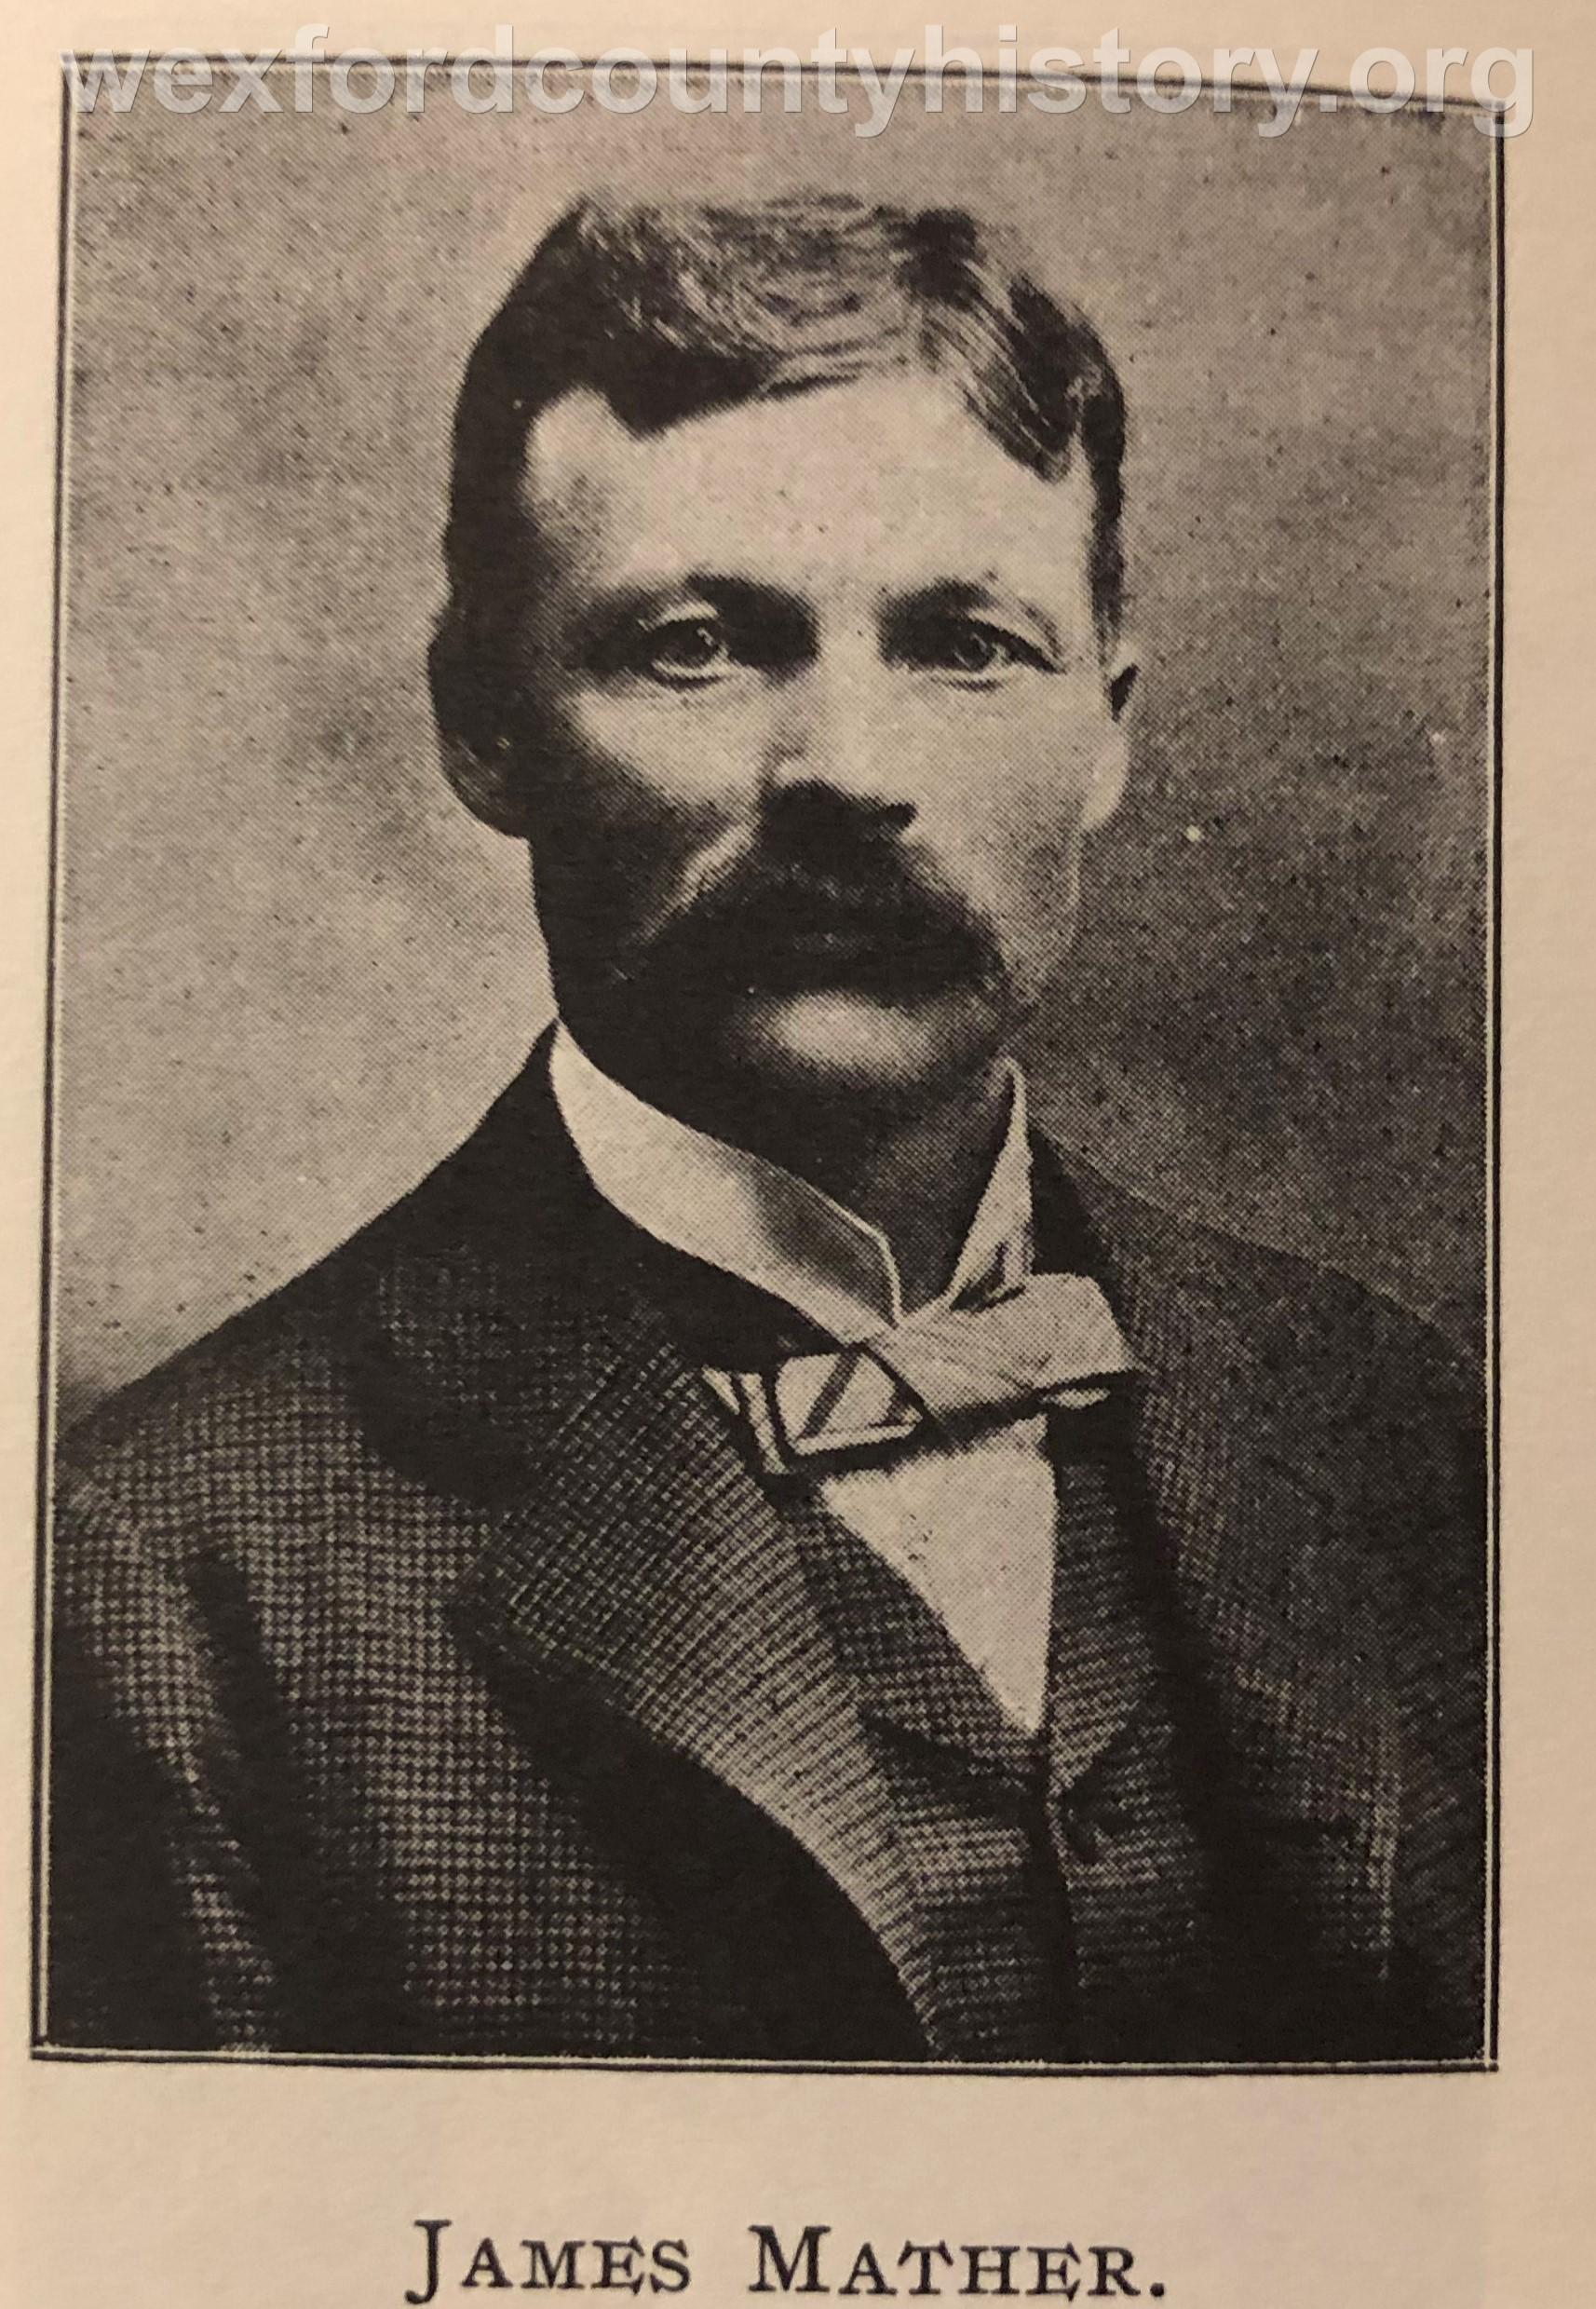 James Mather